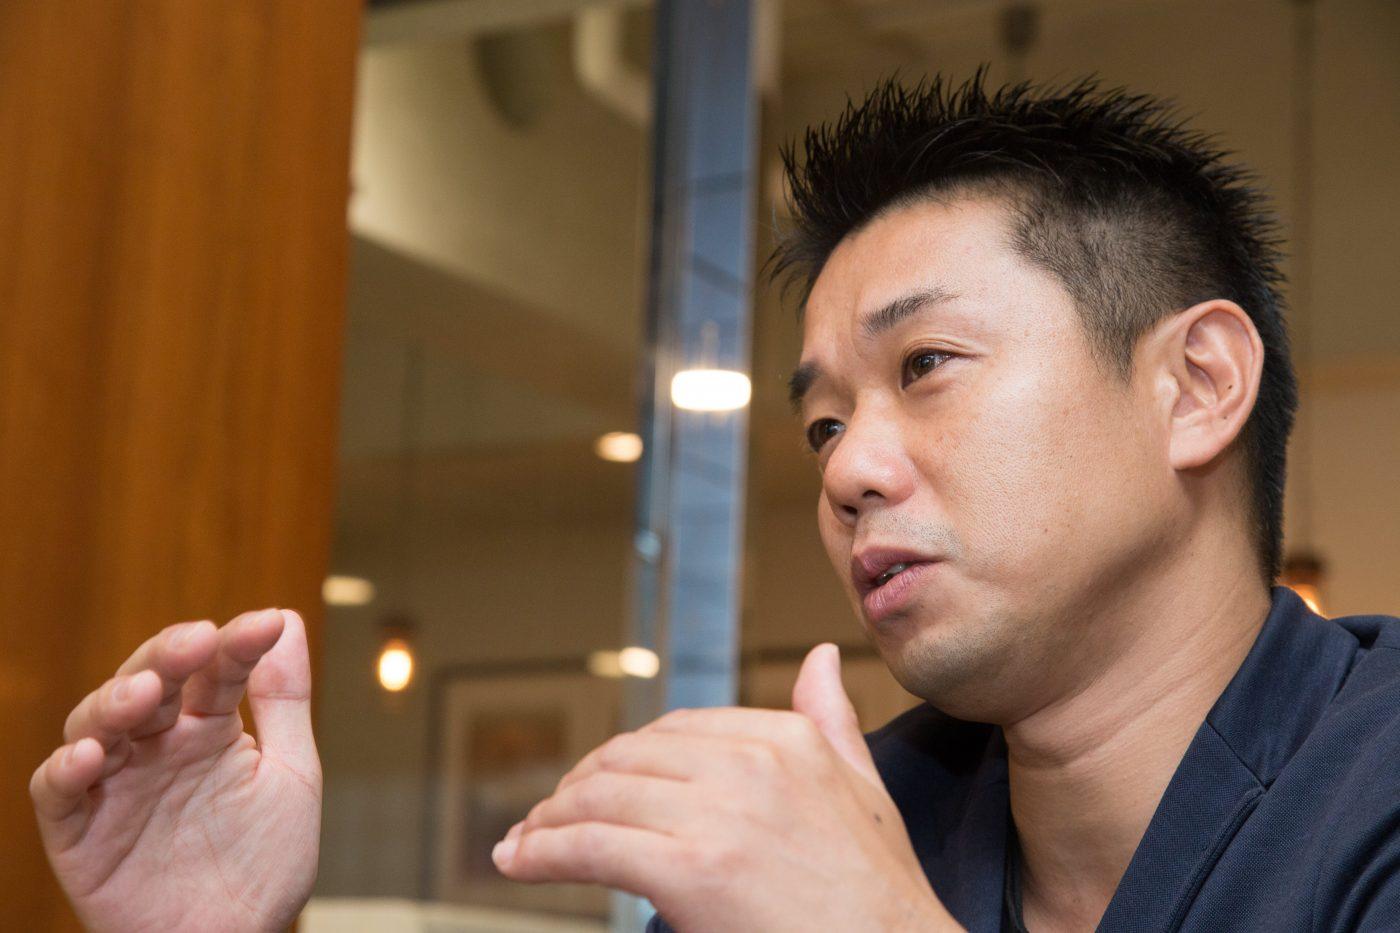 そのアイディアを持って経産省が開催しているイノベーター育成プロジェクト「始動2016」に参加した嶋田氏。目的は2つあった。